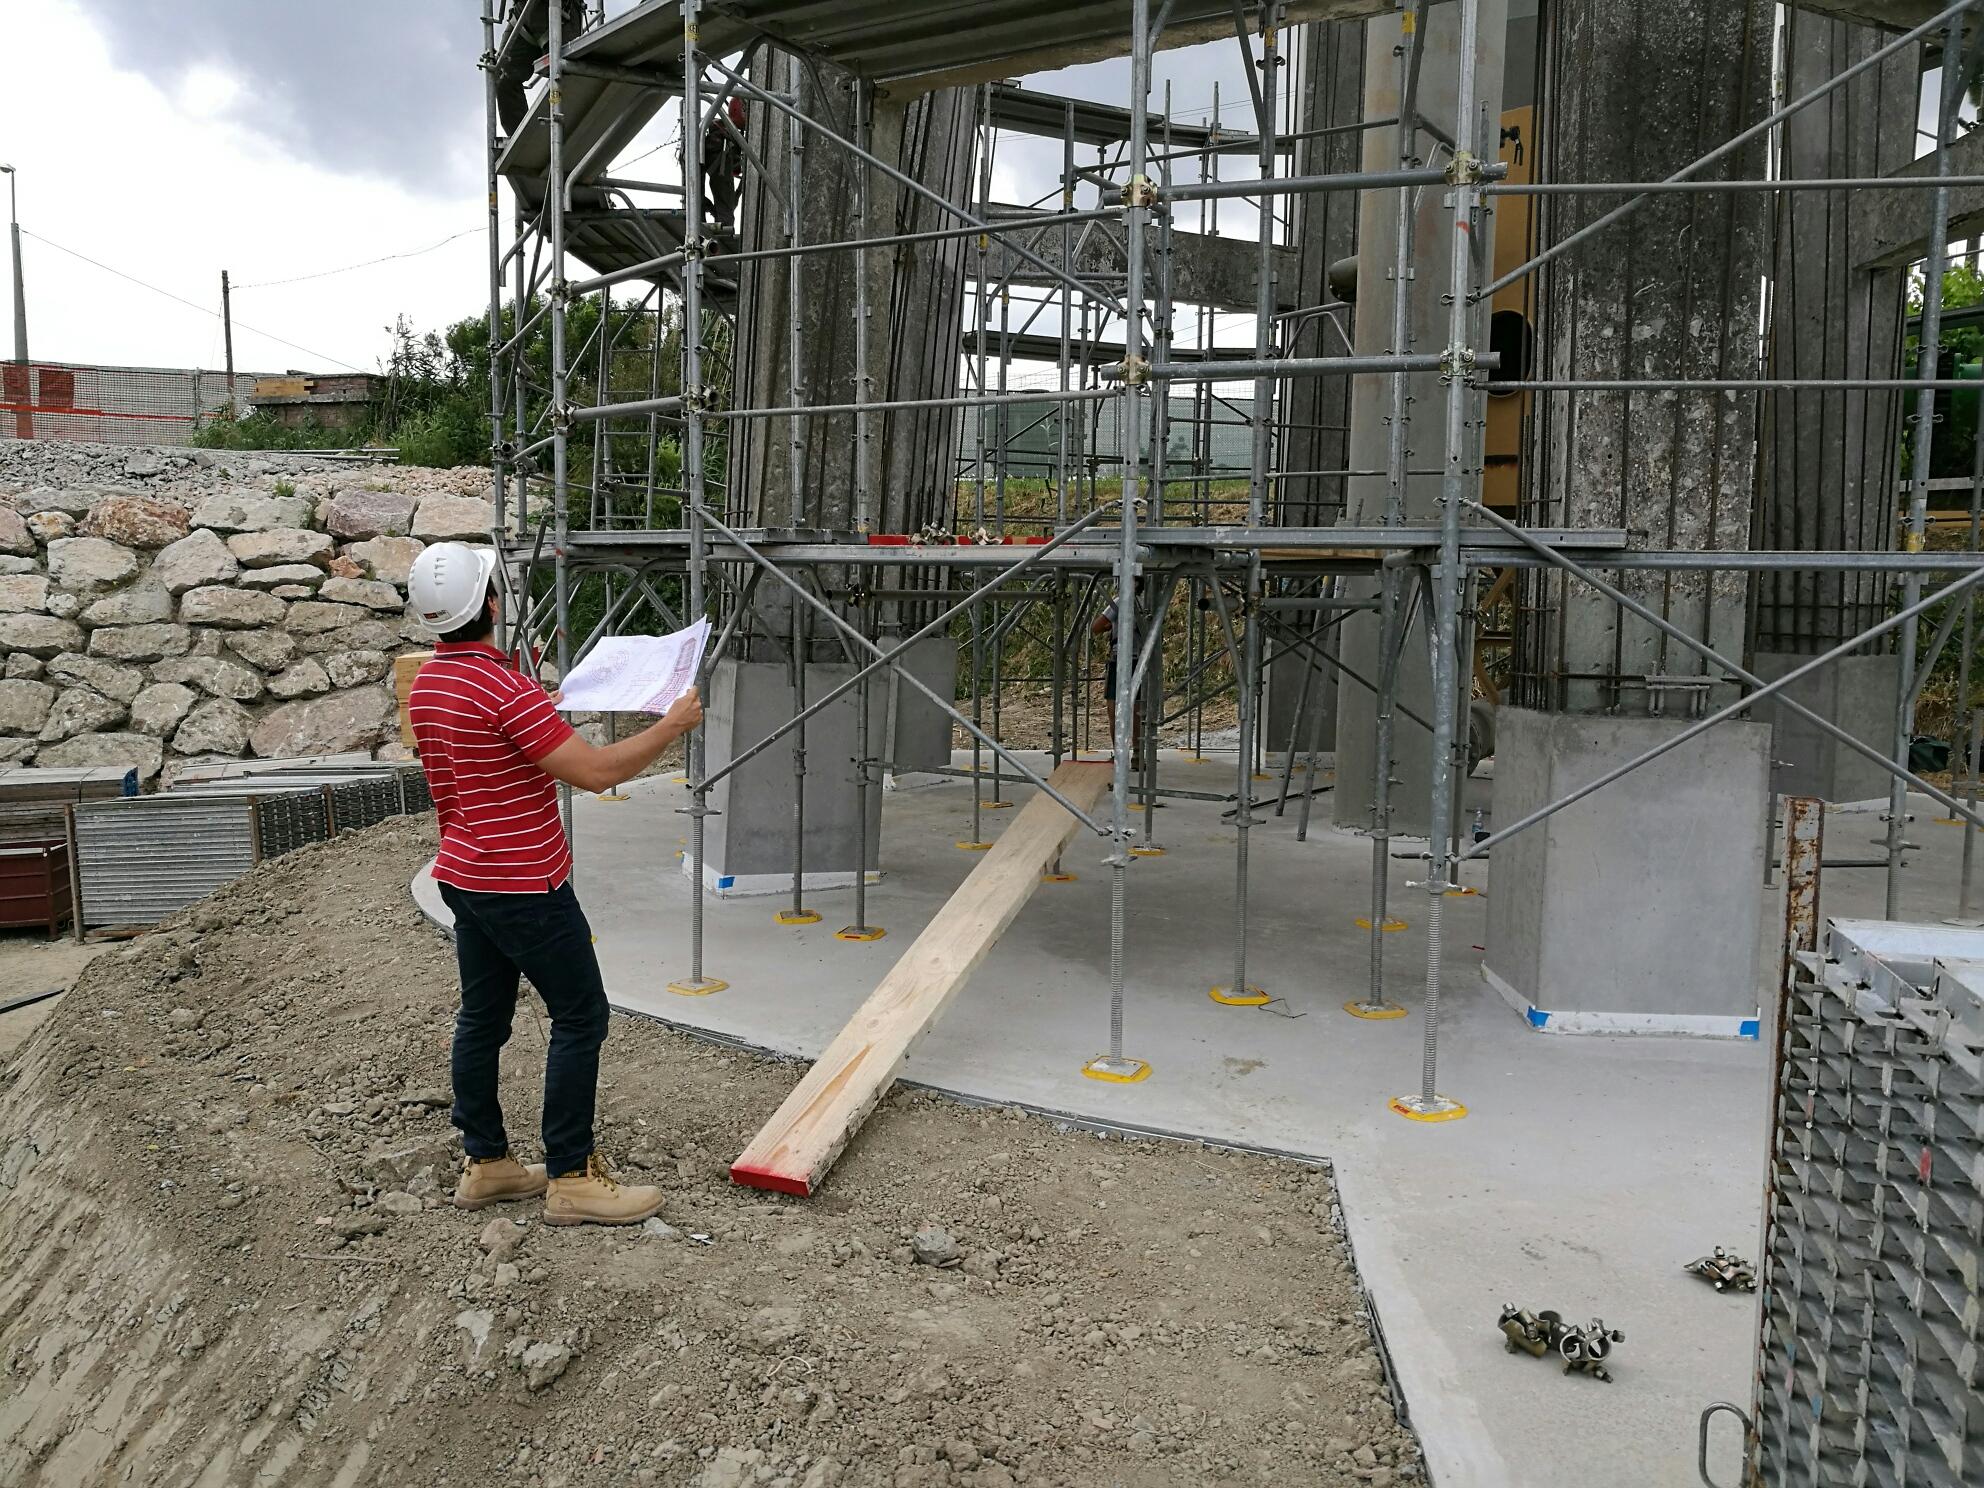 Ponteggio per manutenzione torre piezometrica a Ferrara